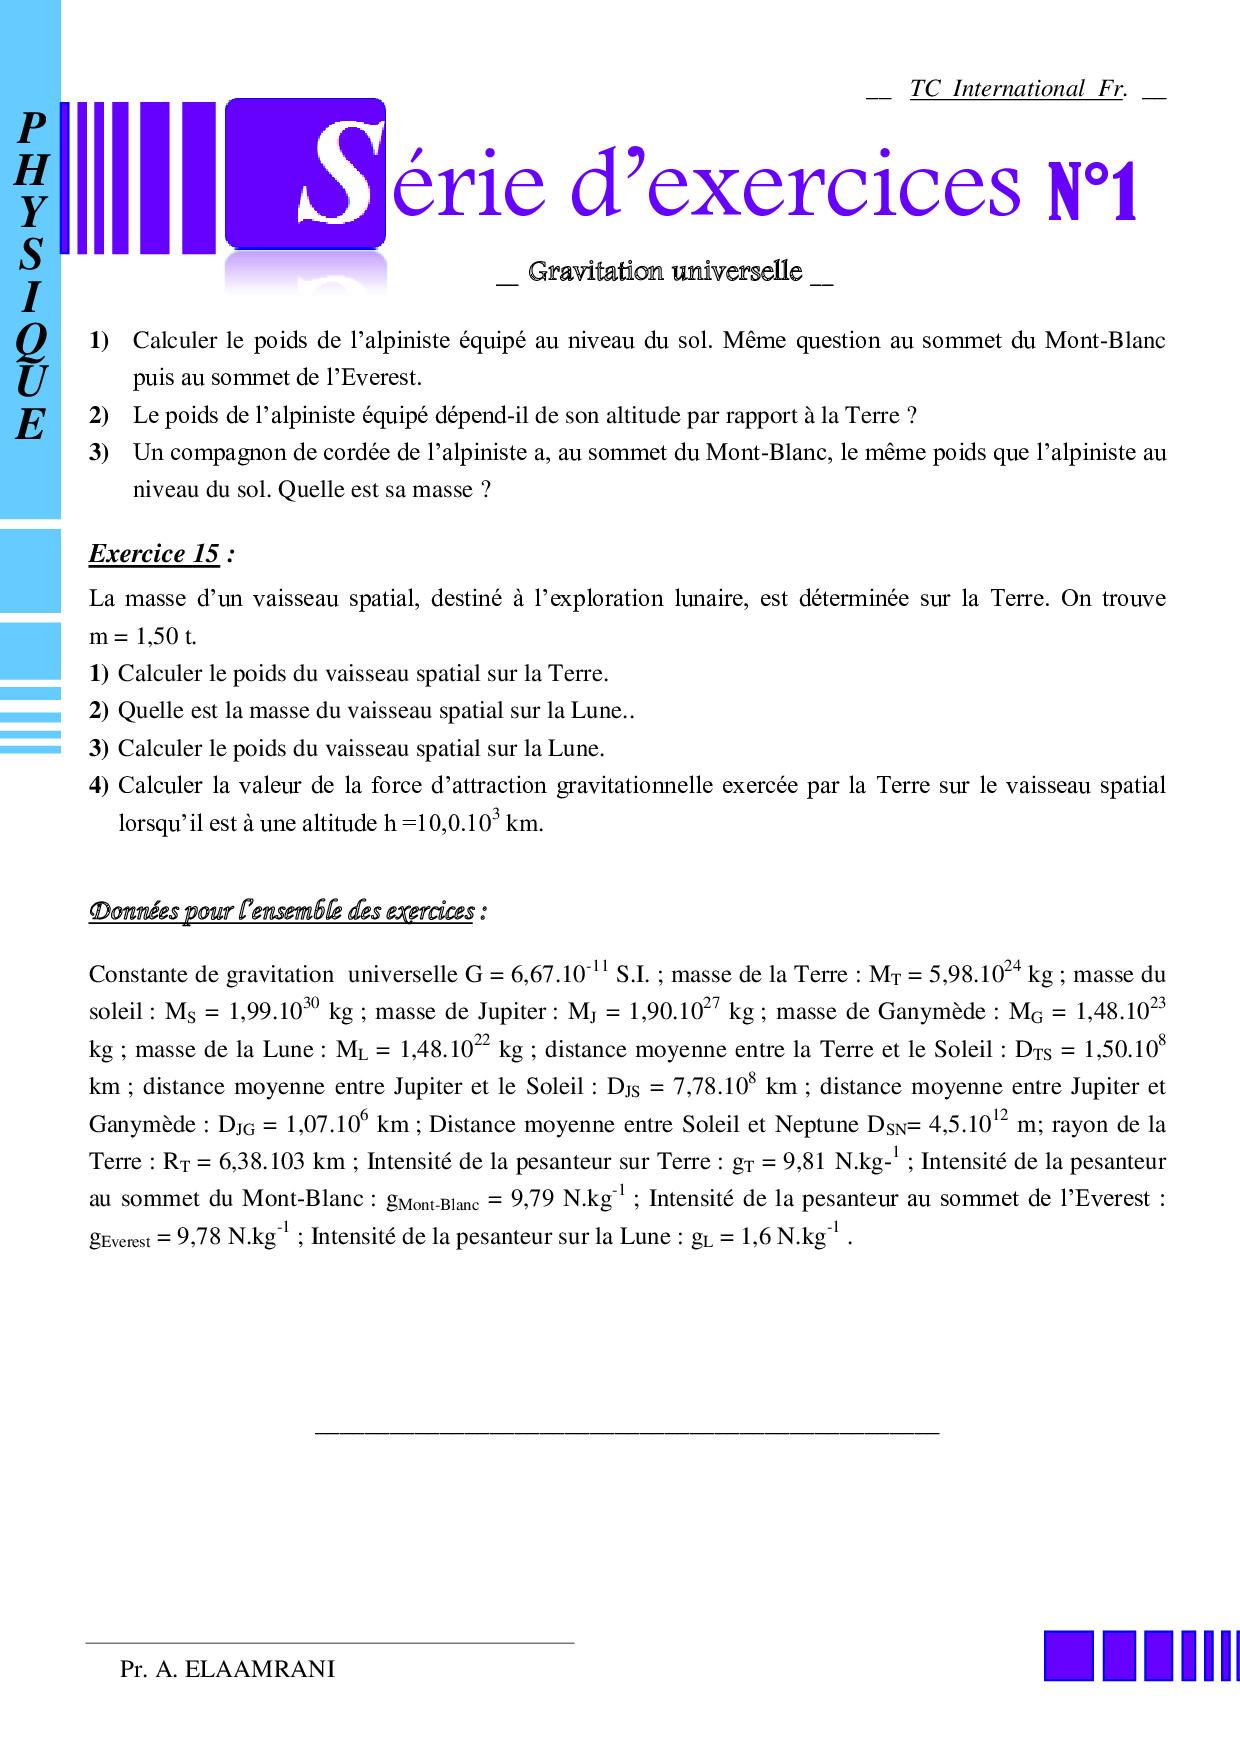 La gravitation universelle - Exercices non corrigés 2 ...